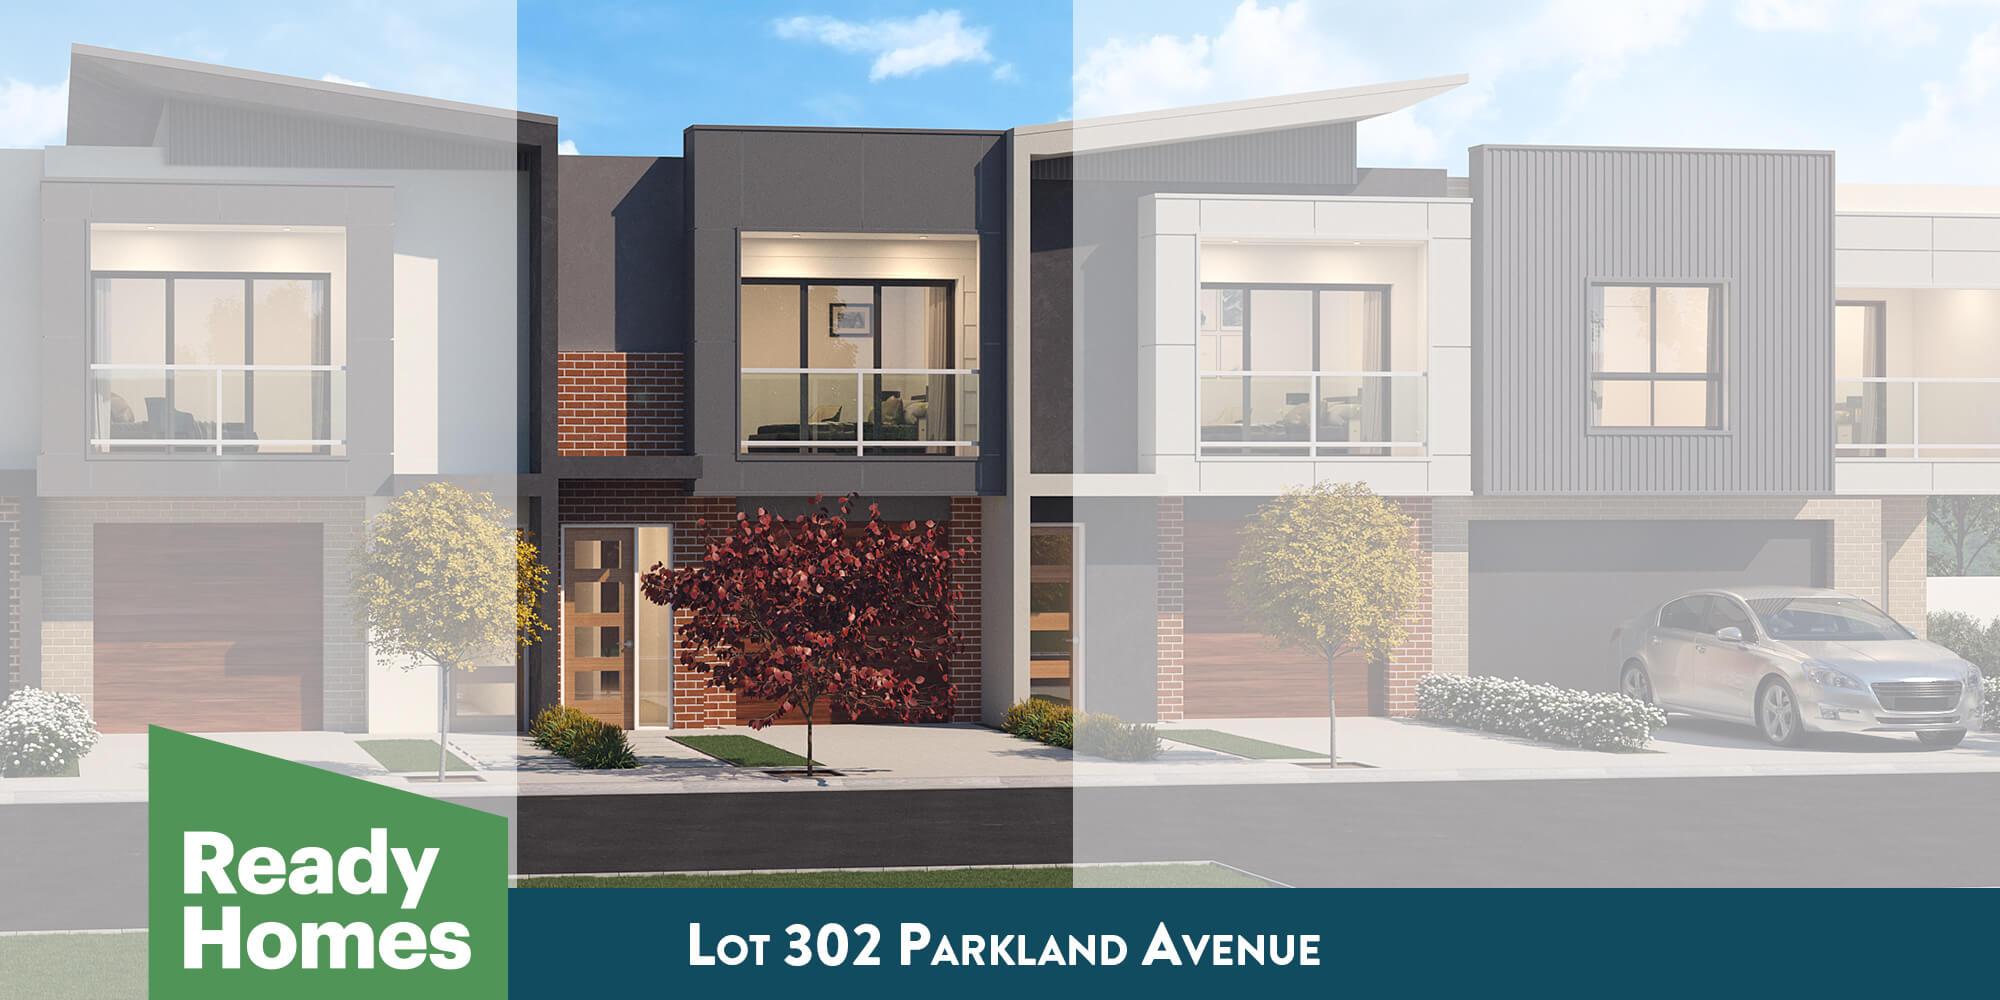 Lot 302 Parkland Avenue facade